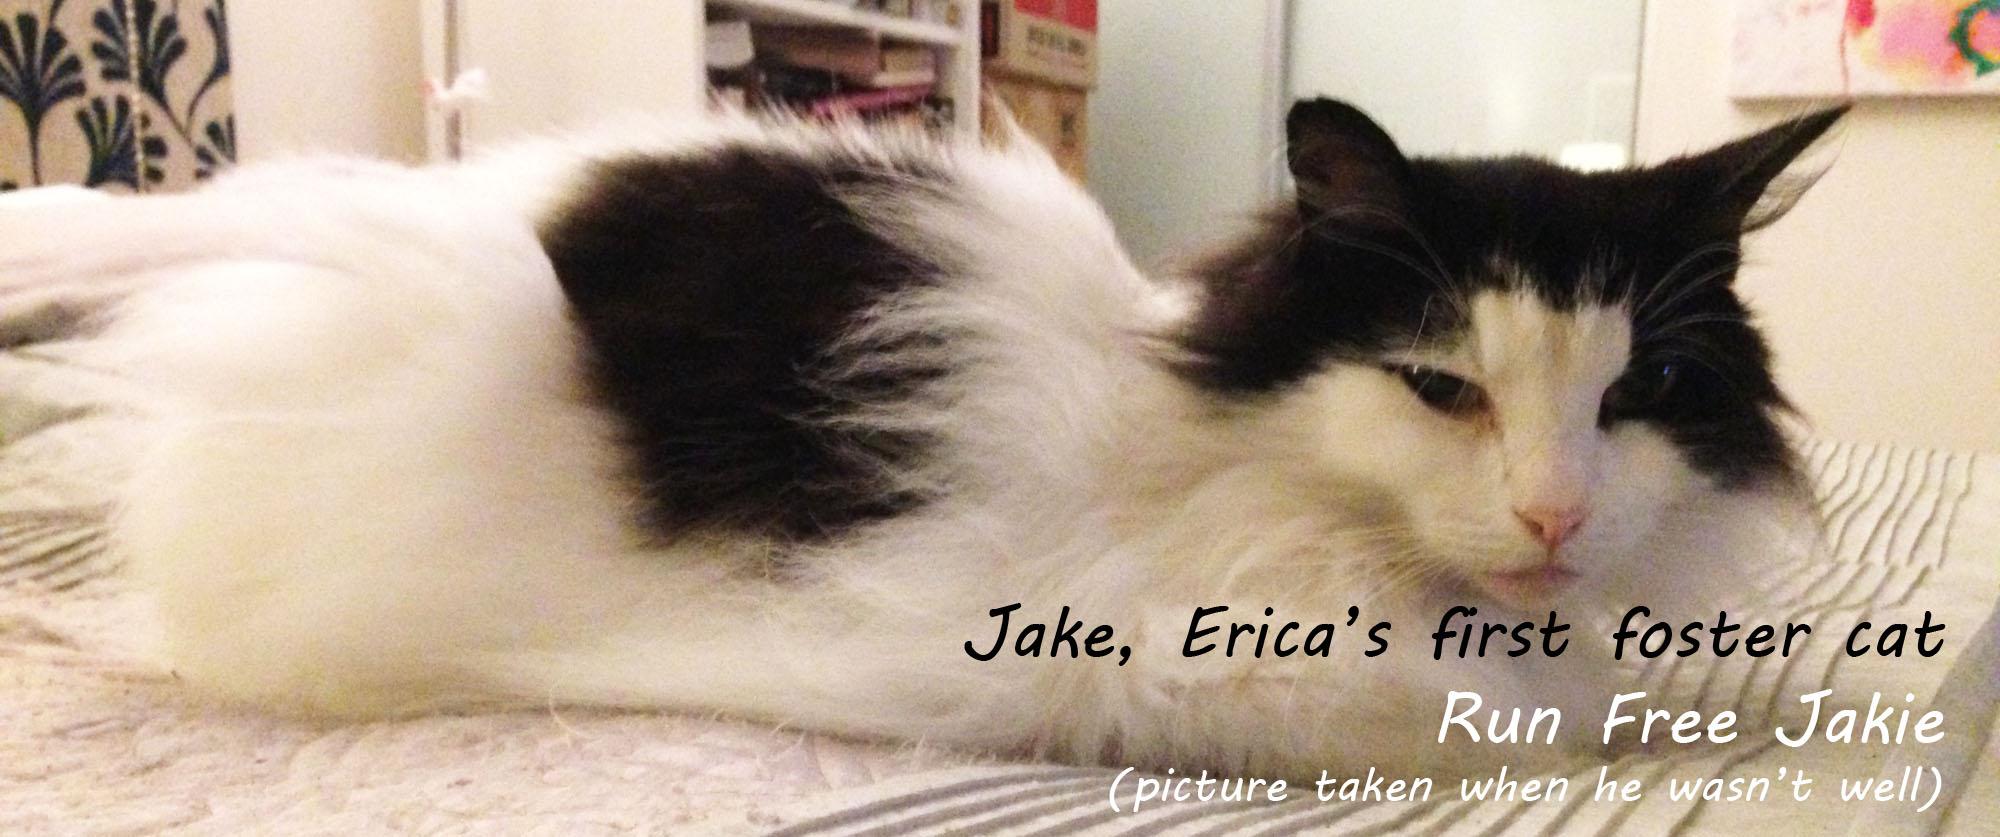 Jake, CatRescue 901 image